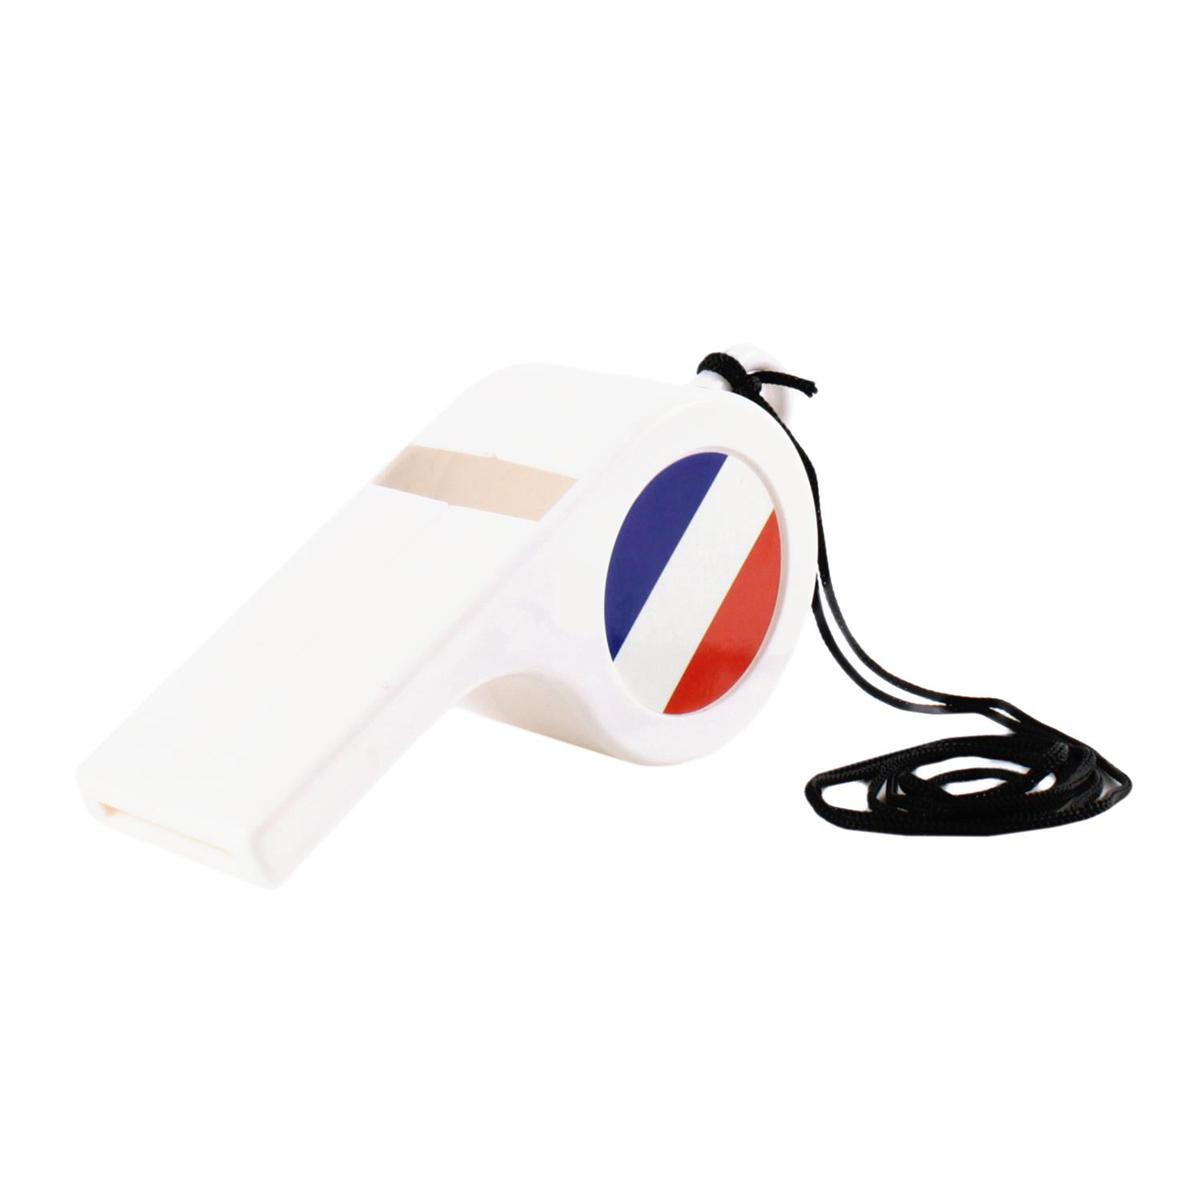 Sifflet géant \'France Cocorico\' blanc tricolore - 15x65x45 cm - [Q0806]